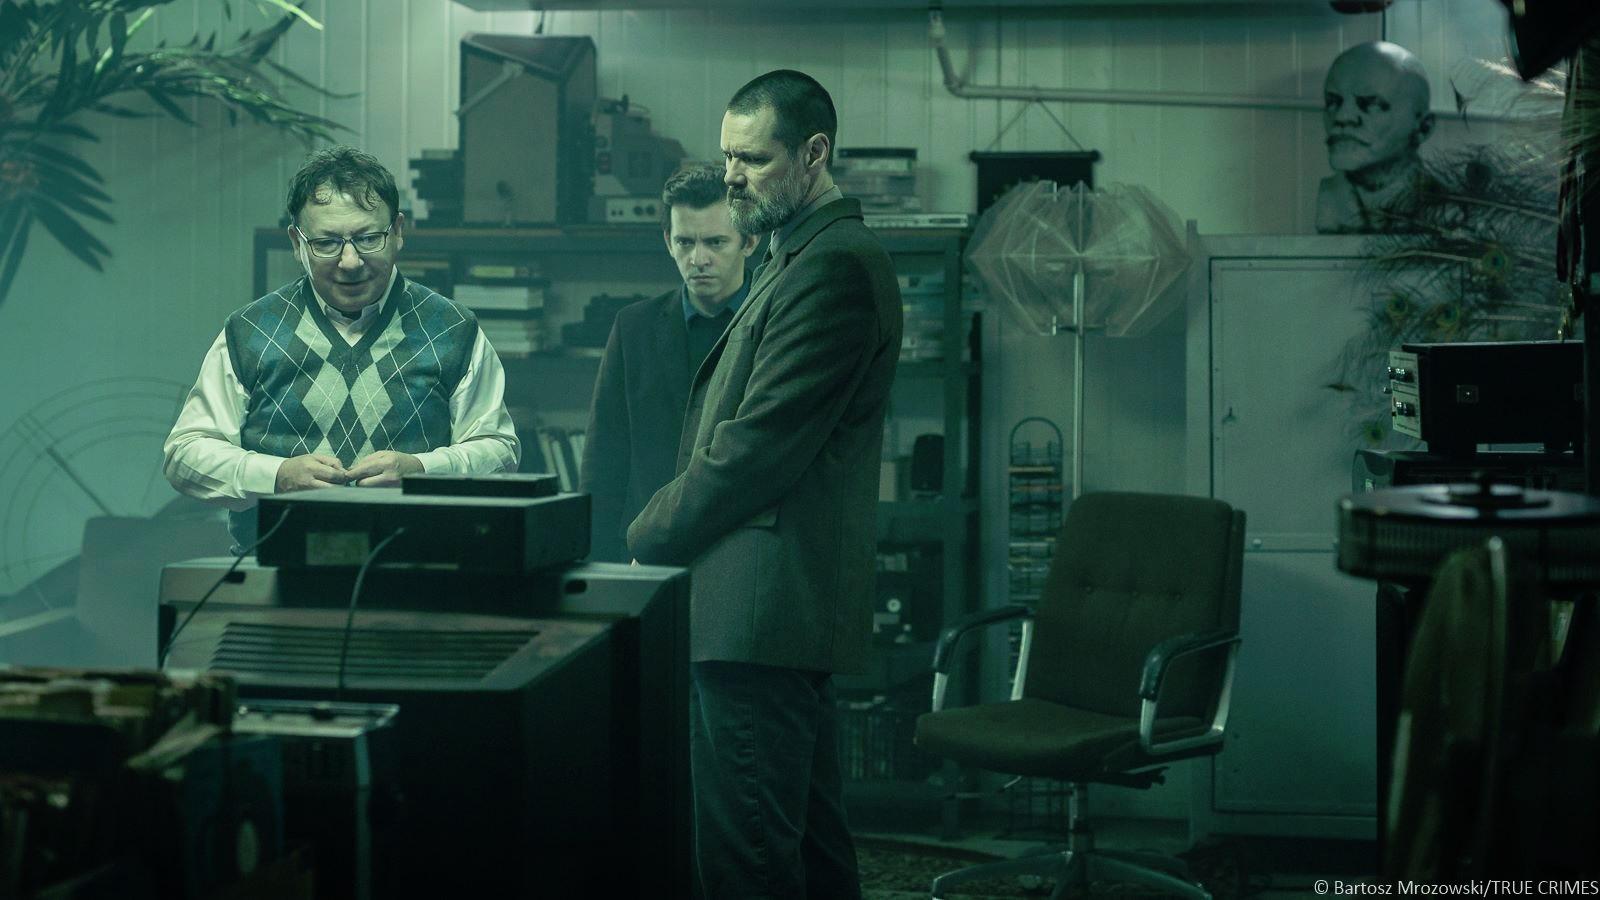 Zbigniew-Zamachowski-Jim-Carrey-in-True-Crimes